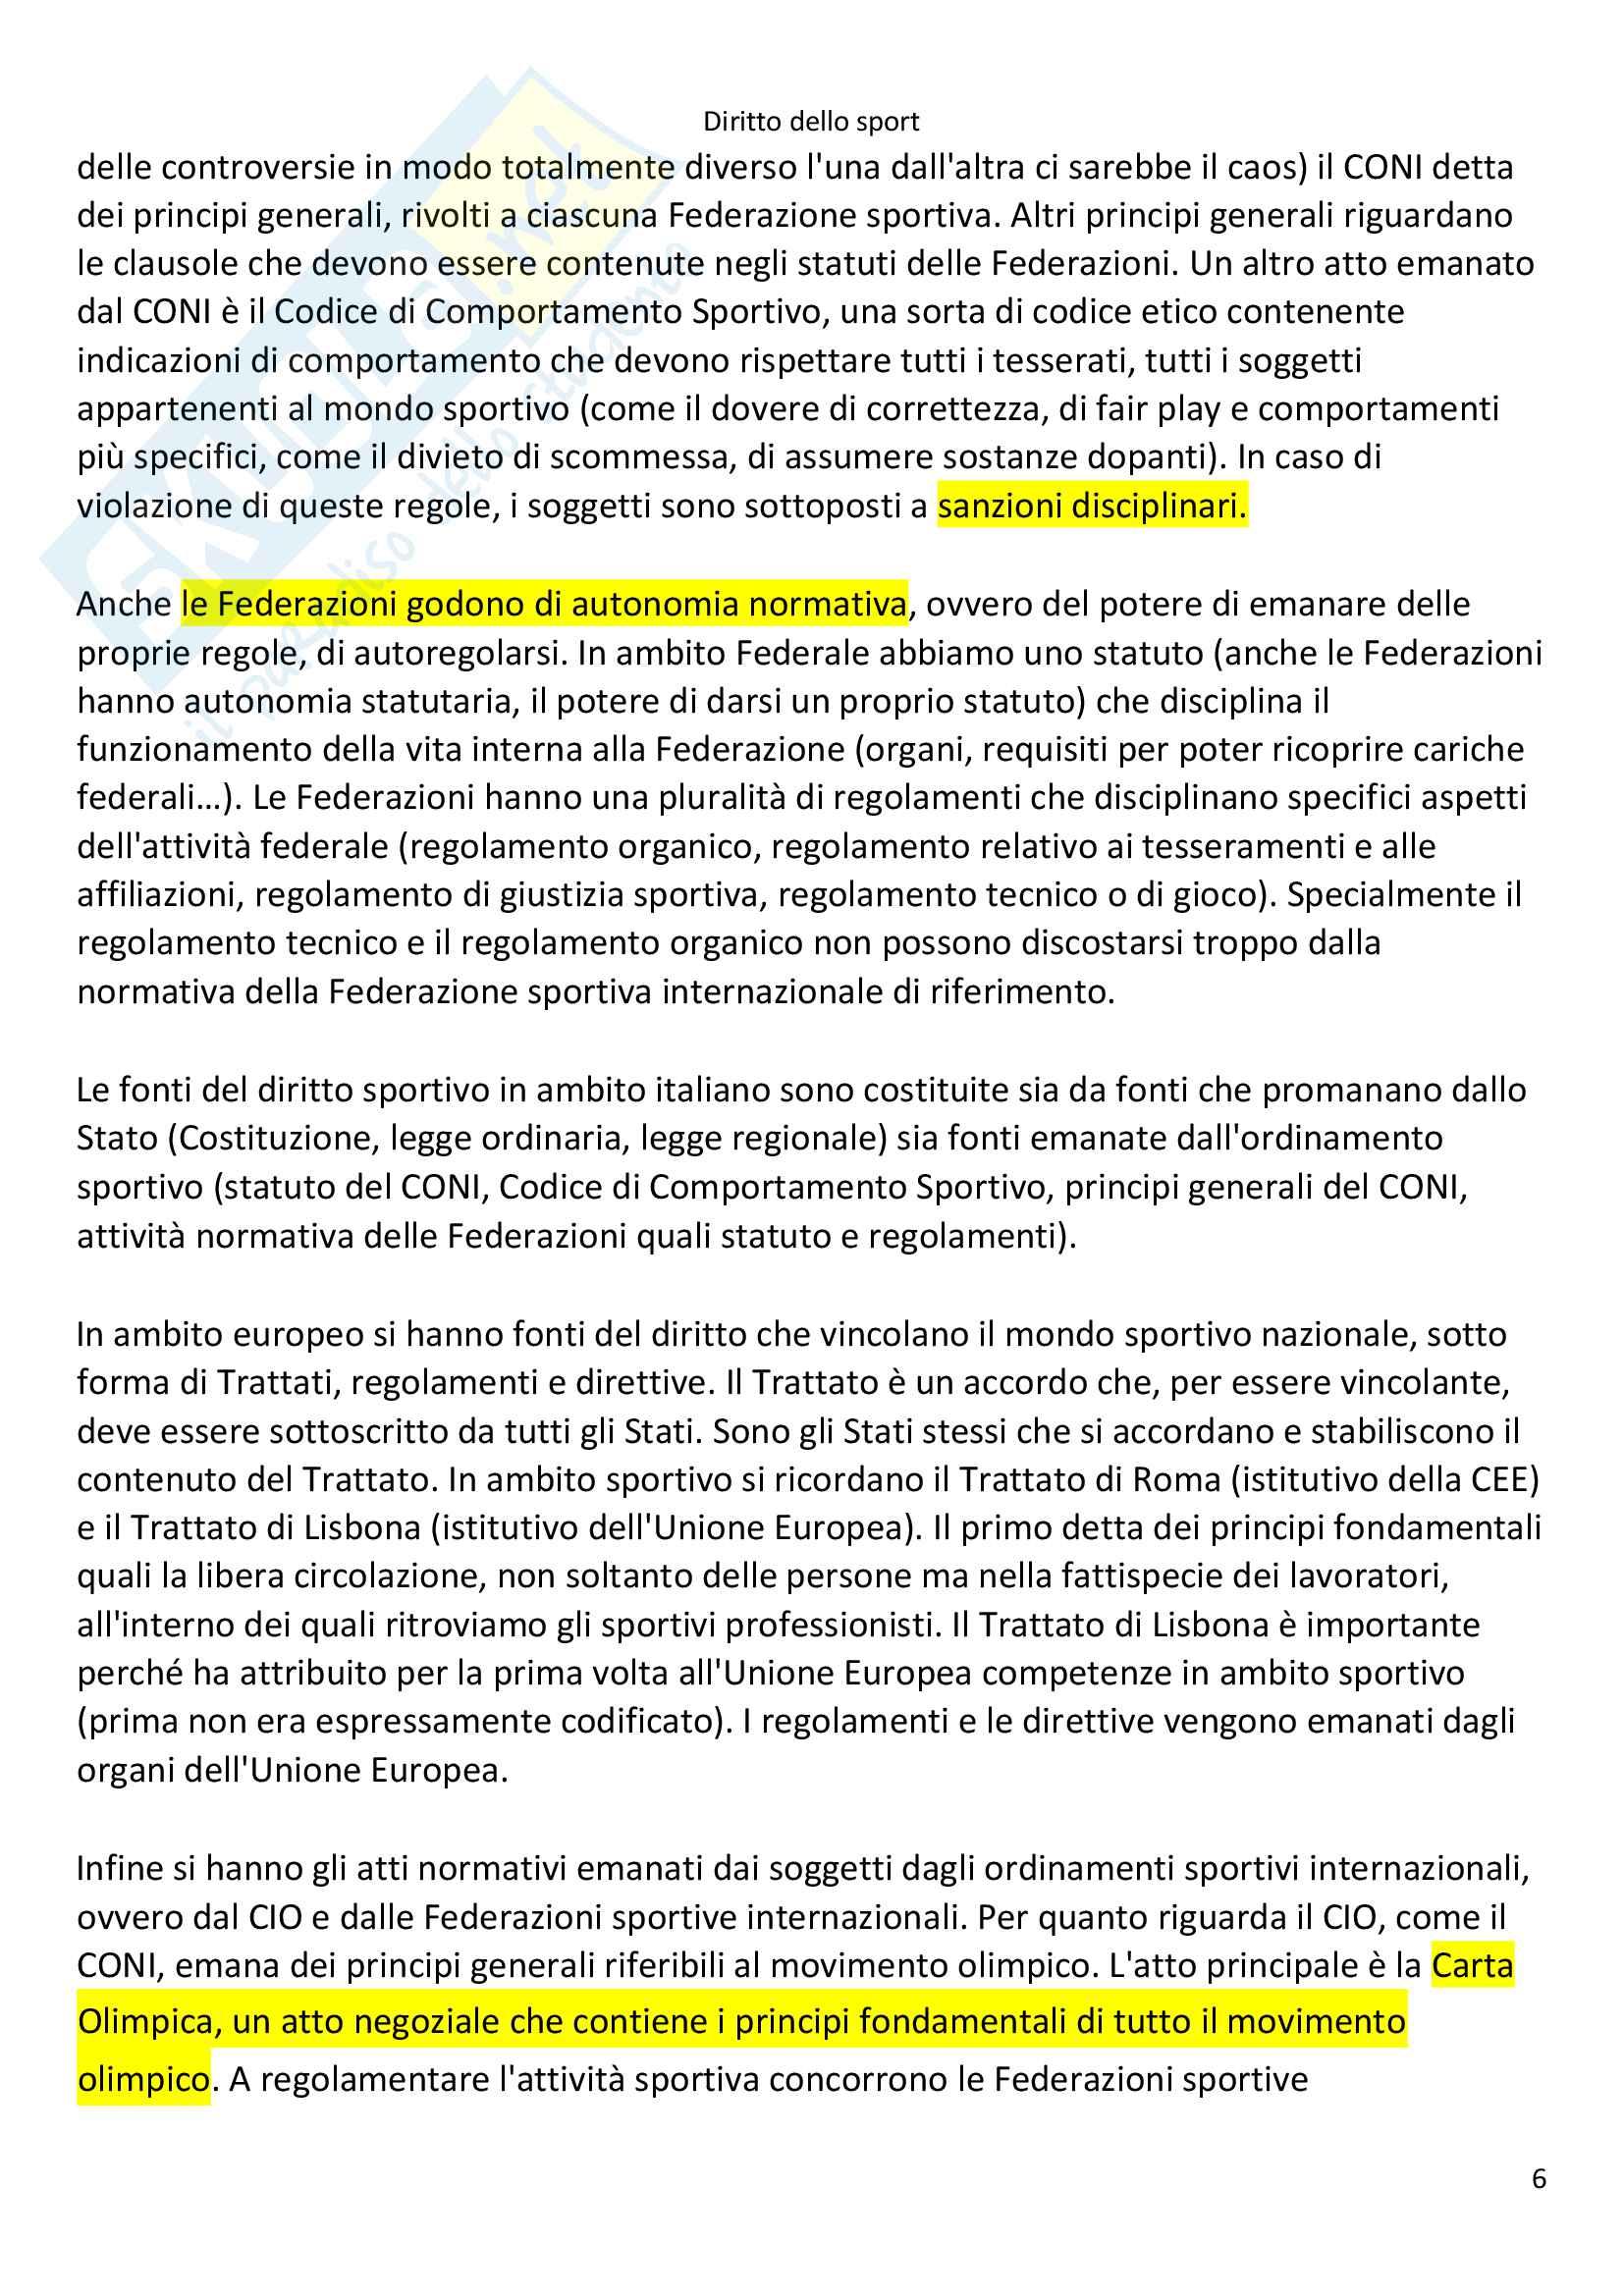 Appunti Diritto dello Sport Pag. 6